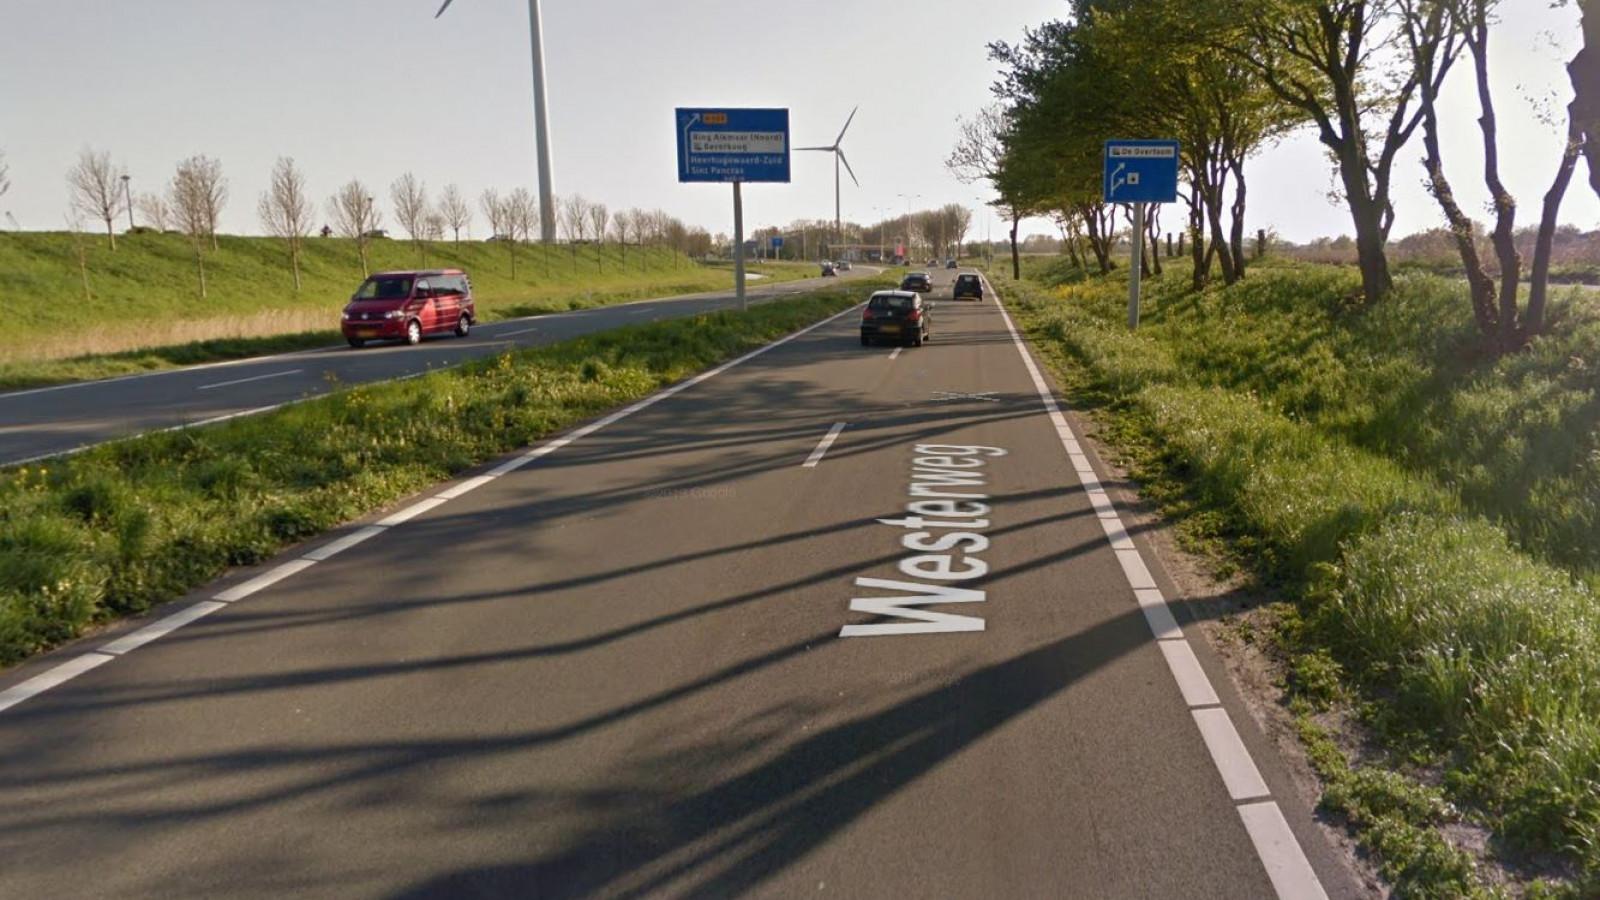 N242 bij Heerhugowaard in beide richtingen dicht door ongeluk.